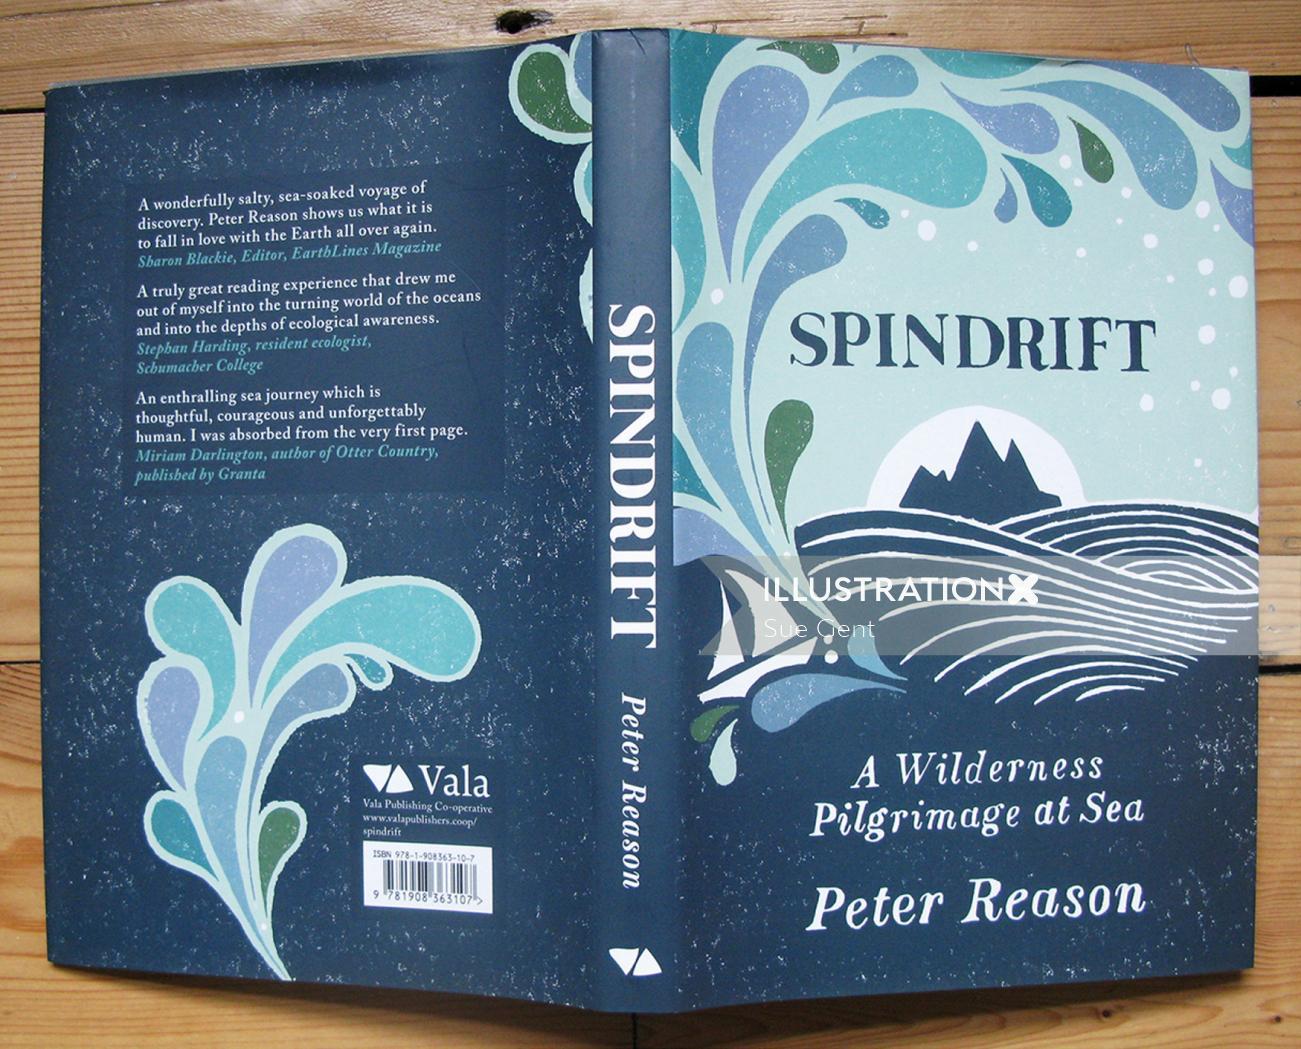 Book cover design for spindrift